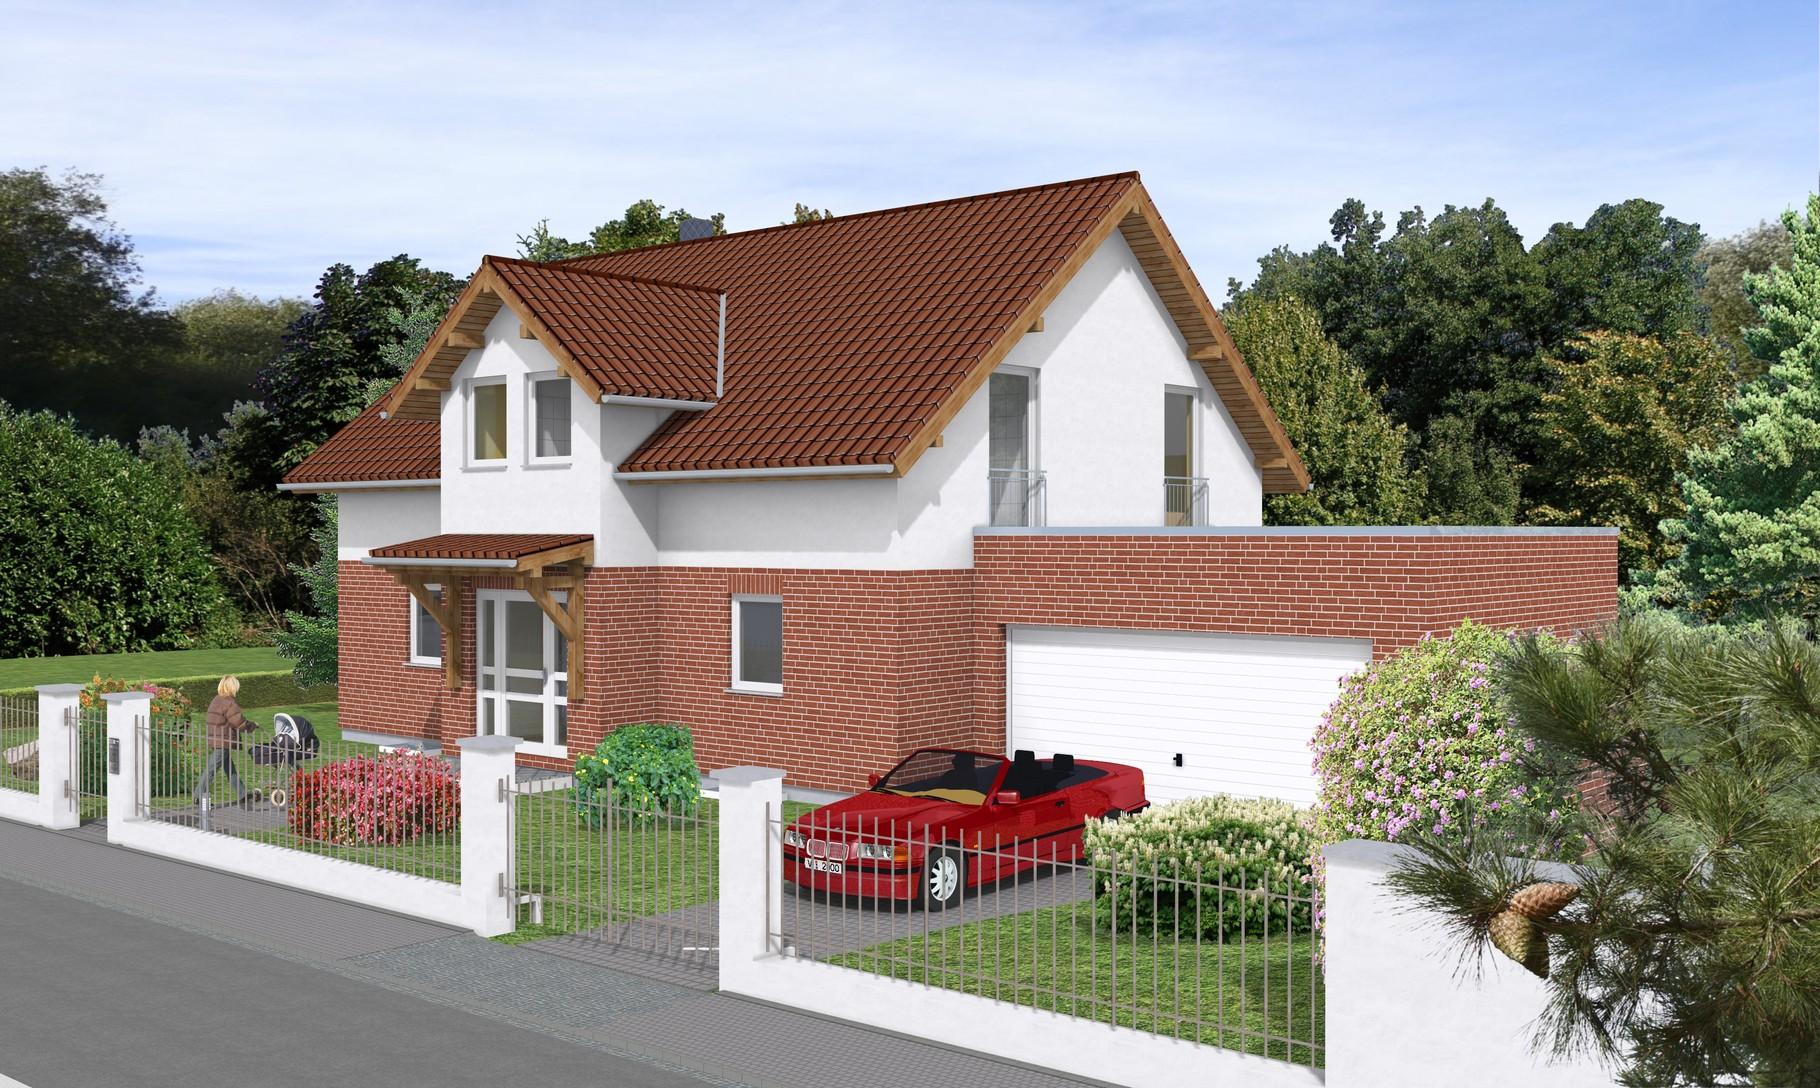 3d Visualisierung Preise architekturvisualisierung für immobilienmarketing visualisierung